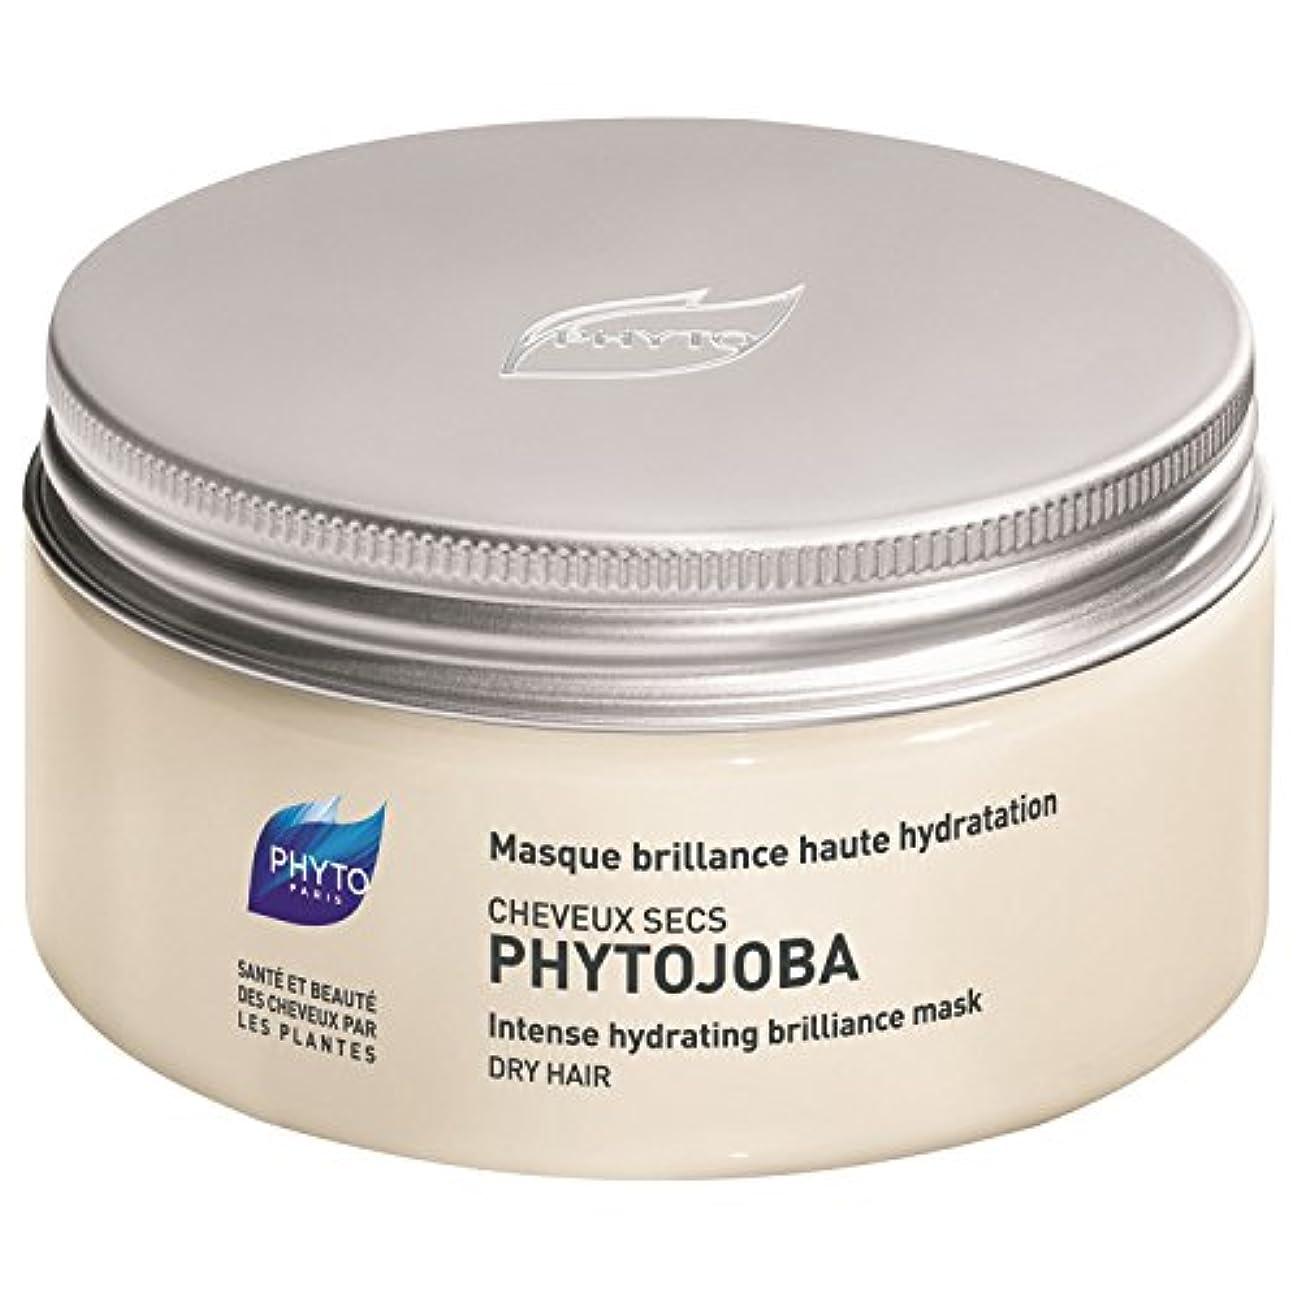 データ醜い適性フィトPhytojoba強烈な水分補給マスク200ミリリットル (Phyto) (x2) - Phyto Phytojoba Intense Hydrating Mask 200ml (Pack of 2) [並行輸入品]